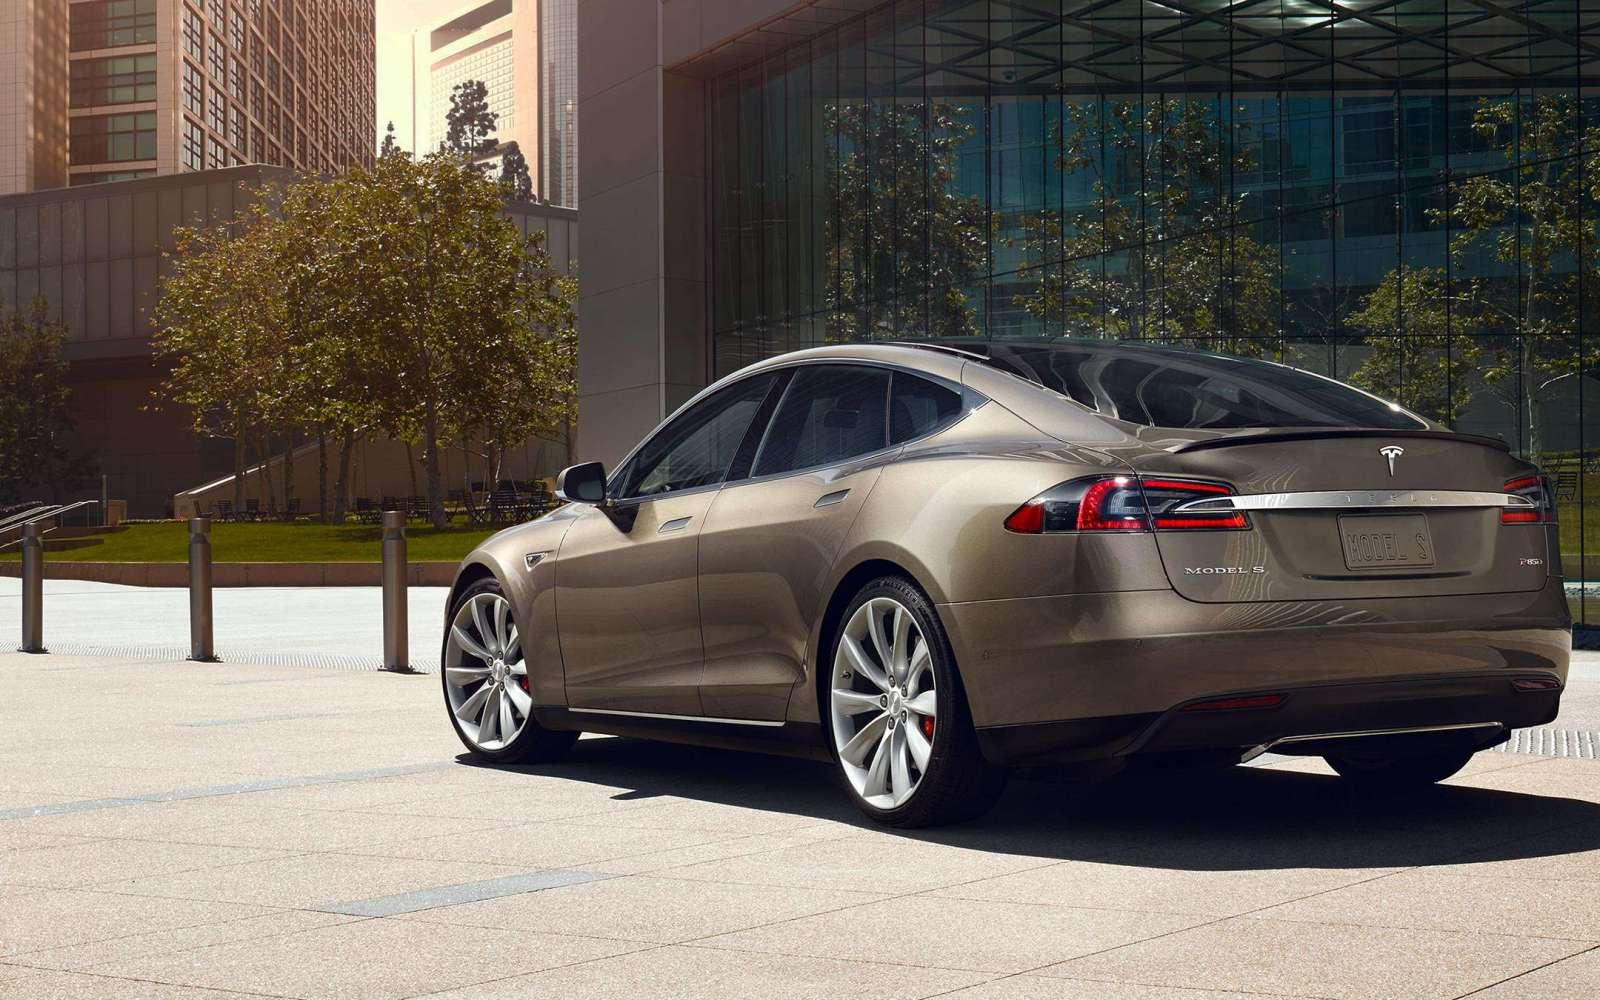 Tesla Model S deliveries were up 43% in Sweden during the last quarter [chart]